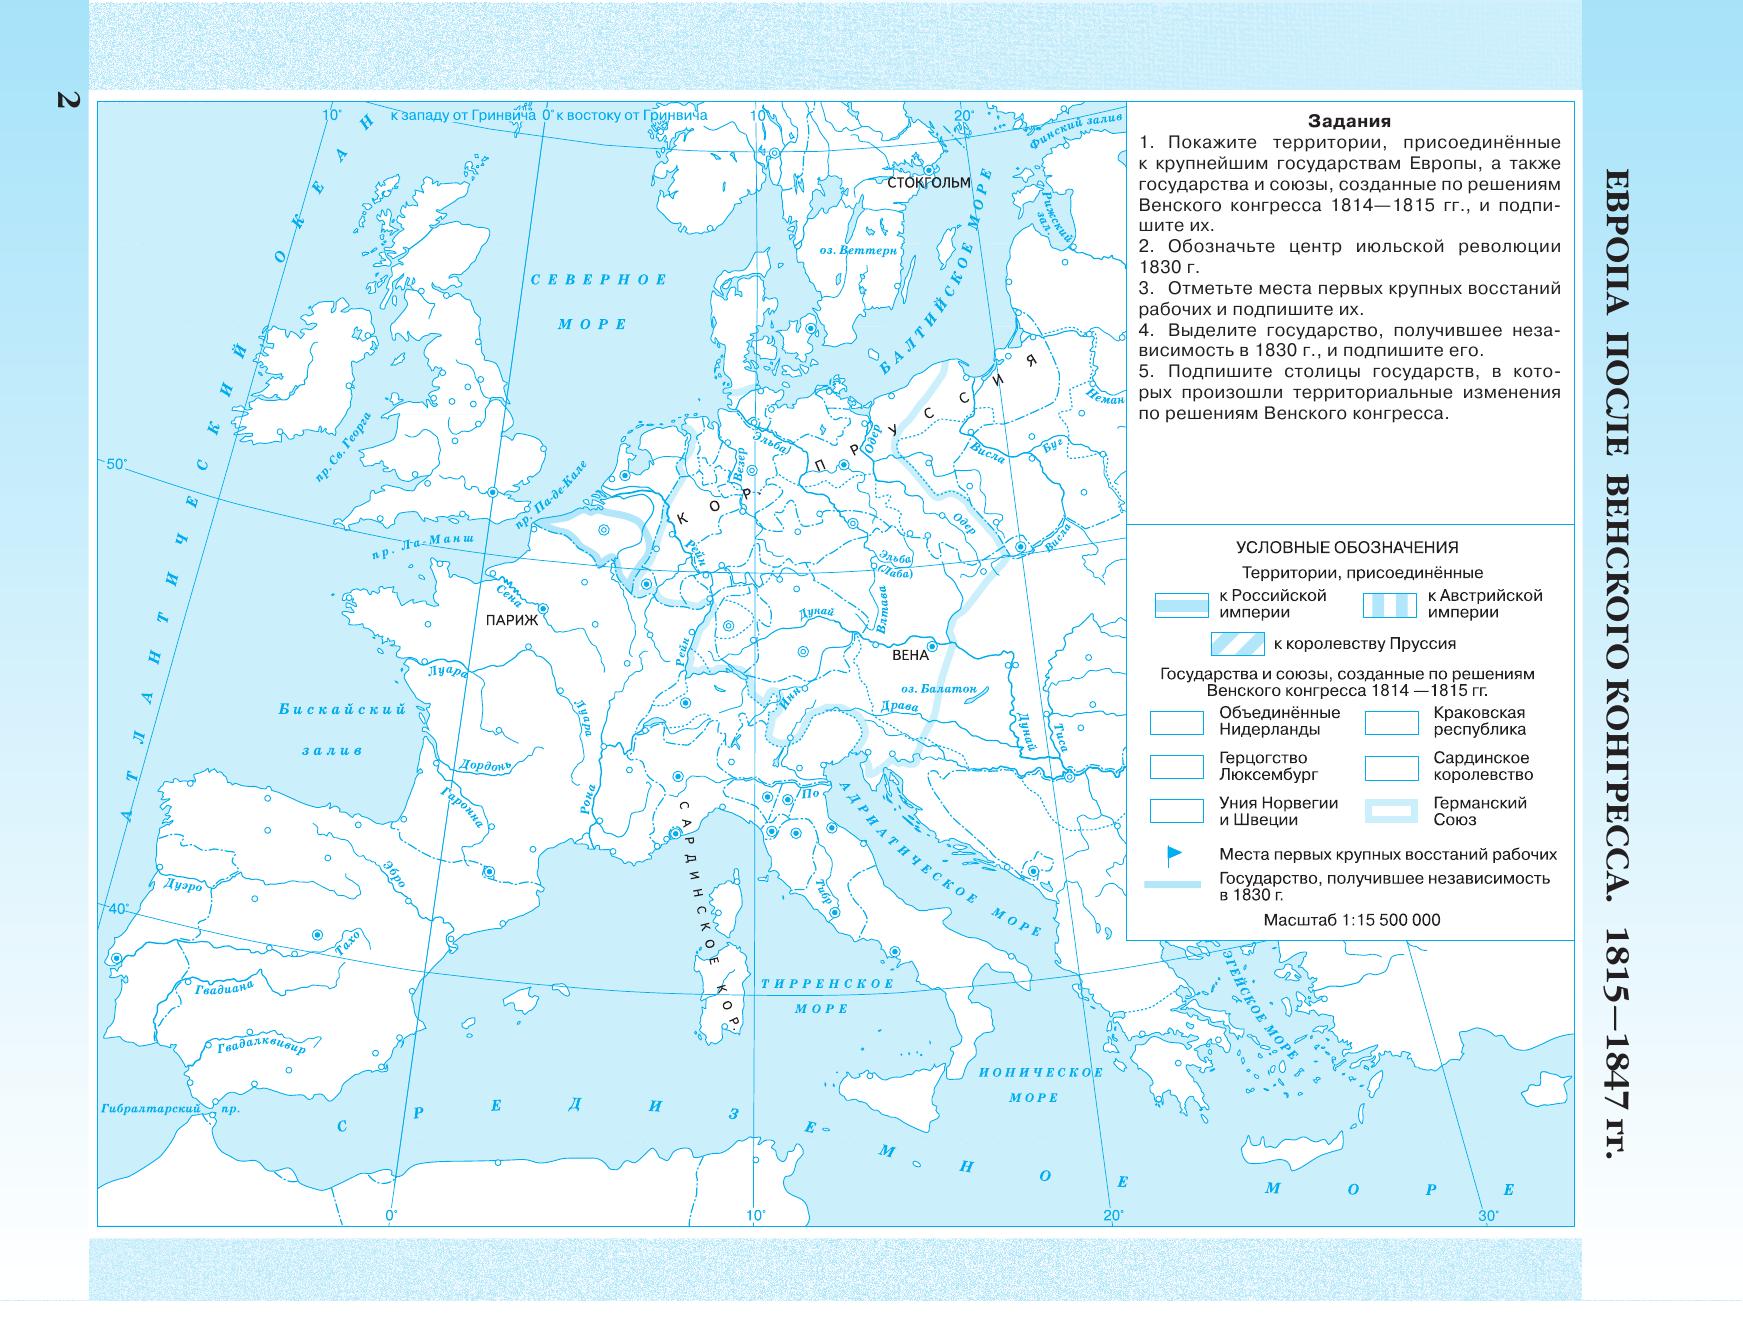 гдз 8 класс контурные карты история нового времени 19 век 8 класс